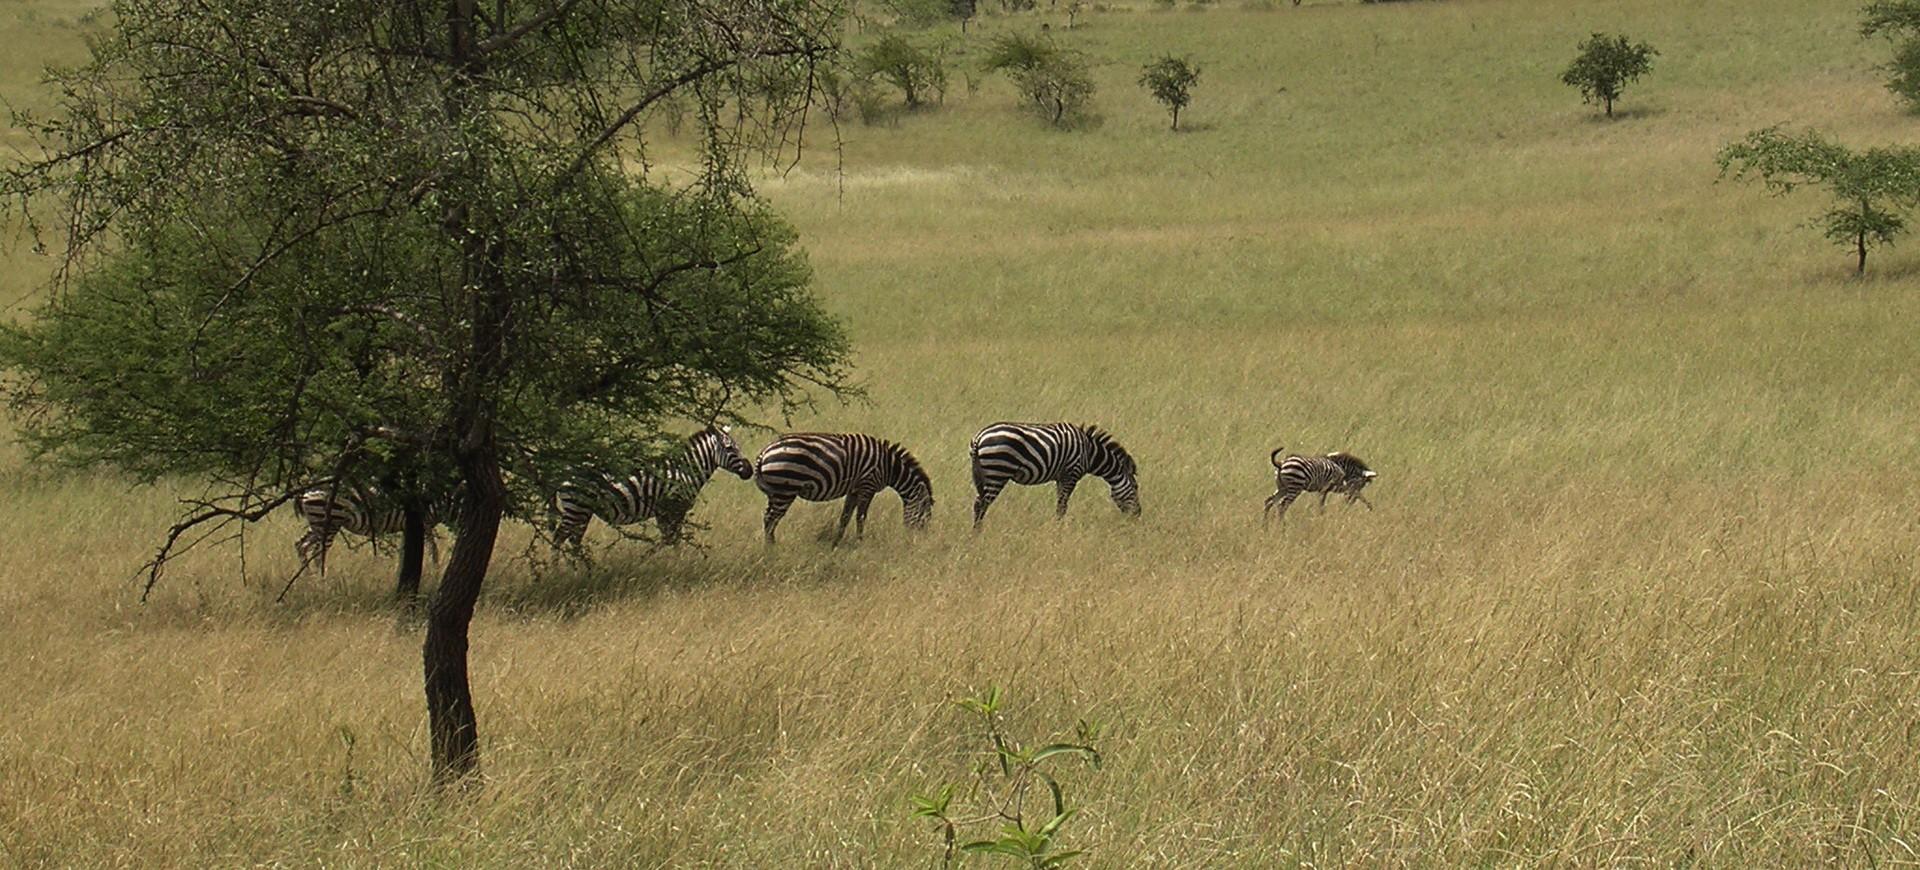 Ethiopie Réservre animaux Zèbres